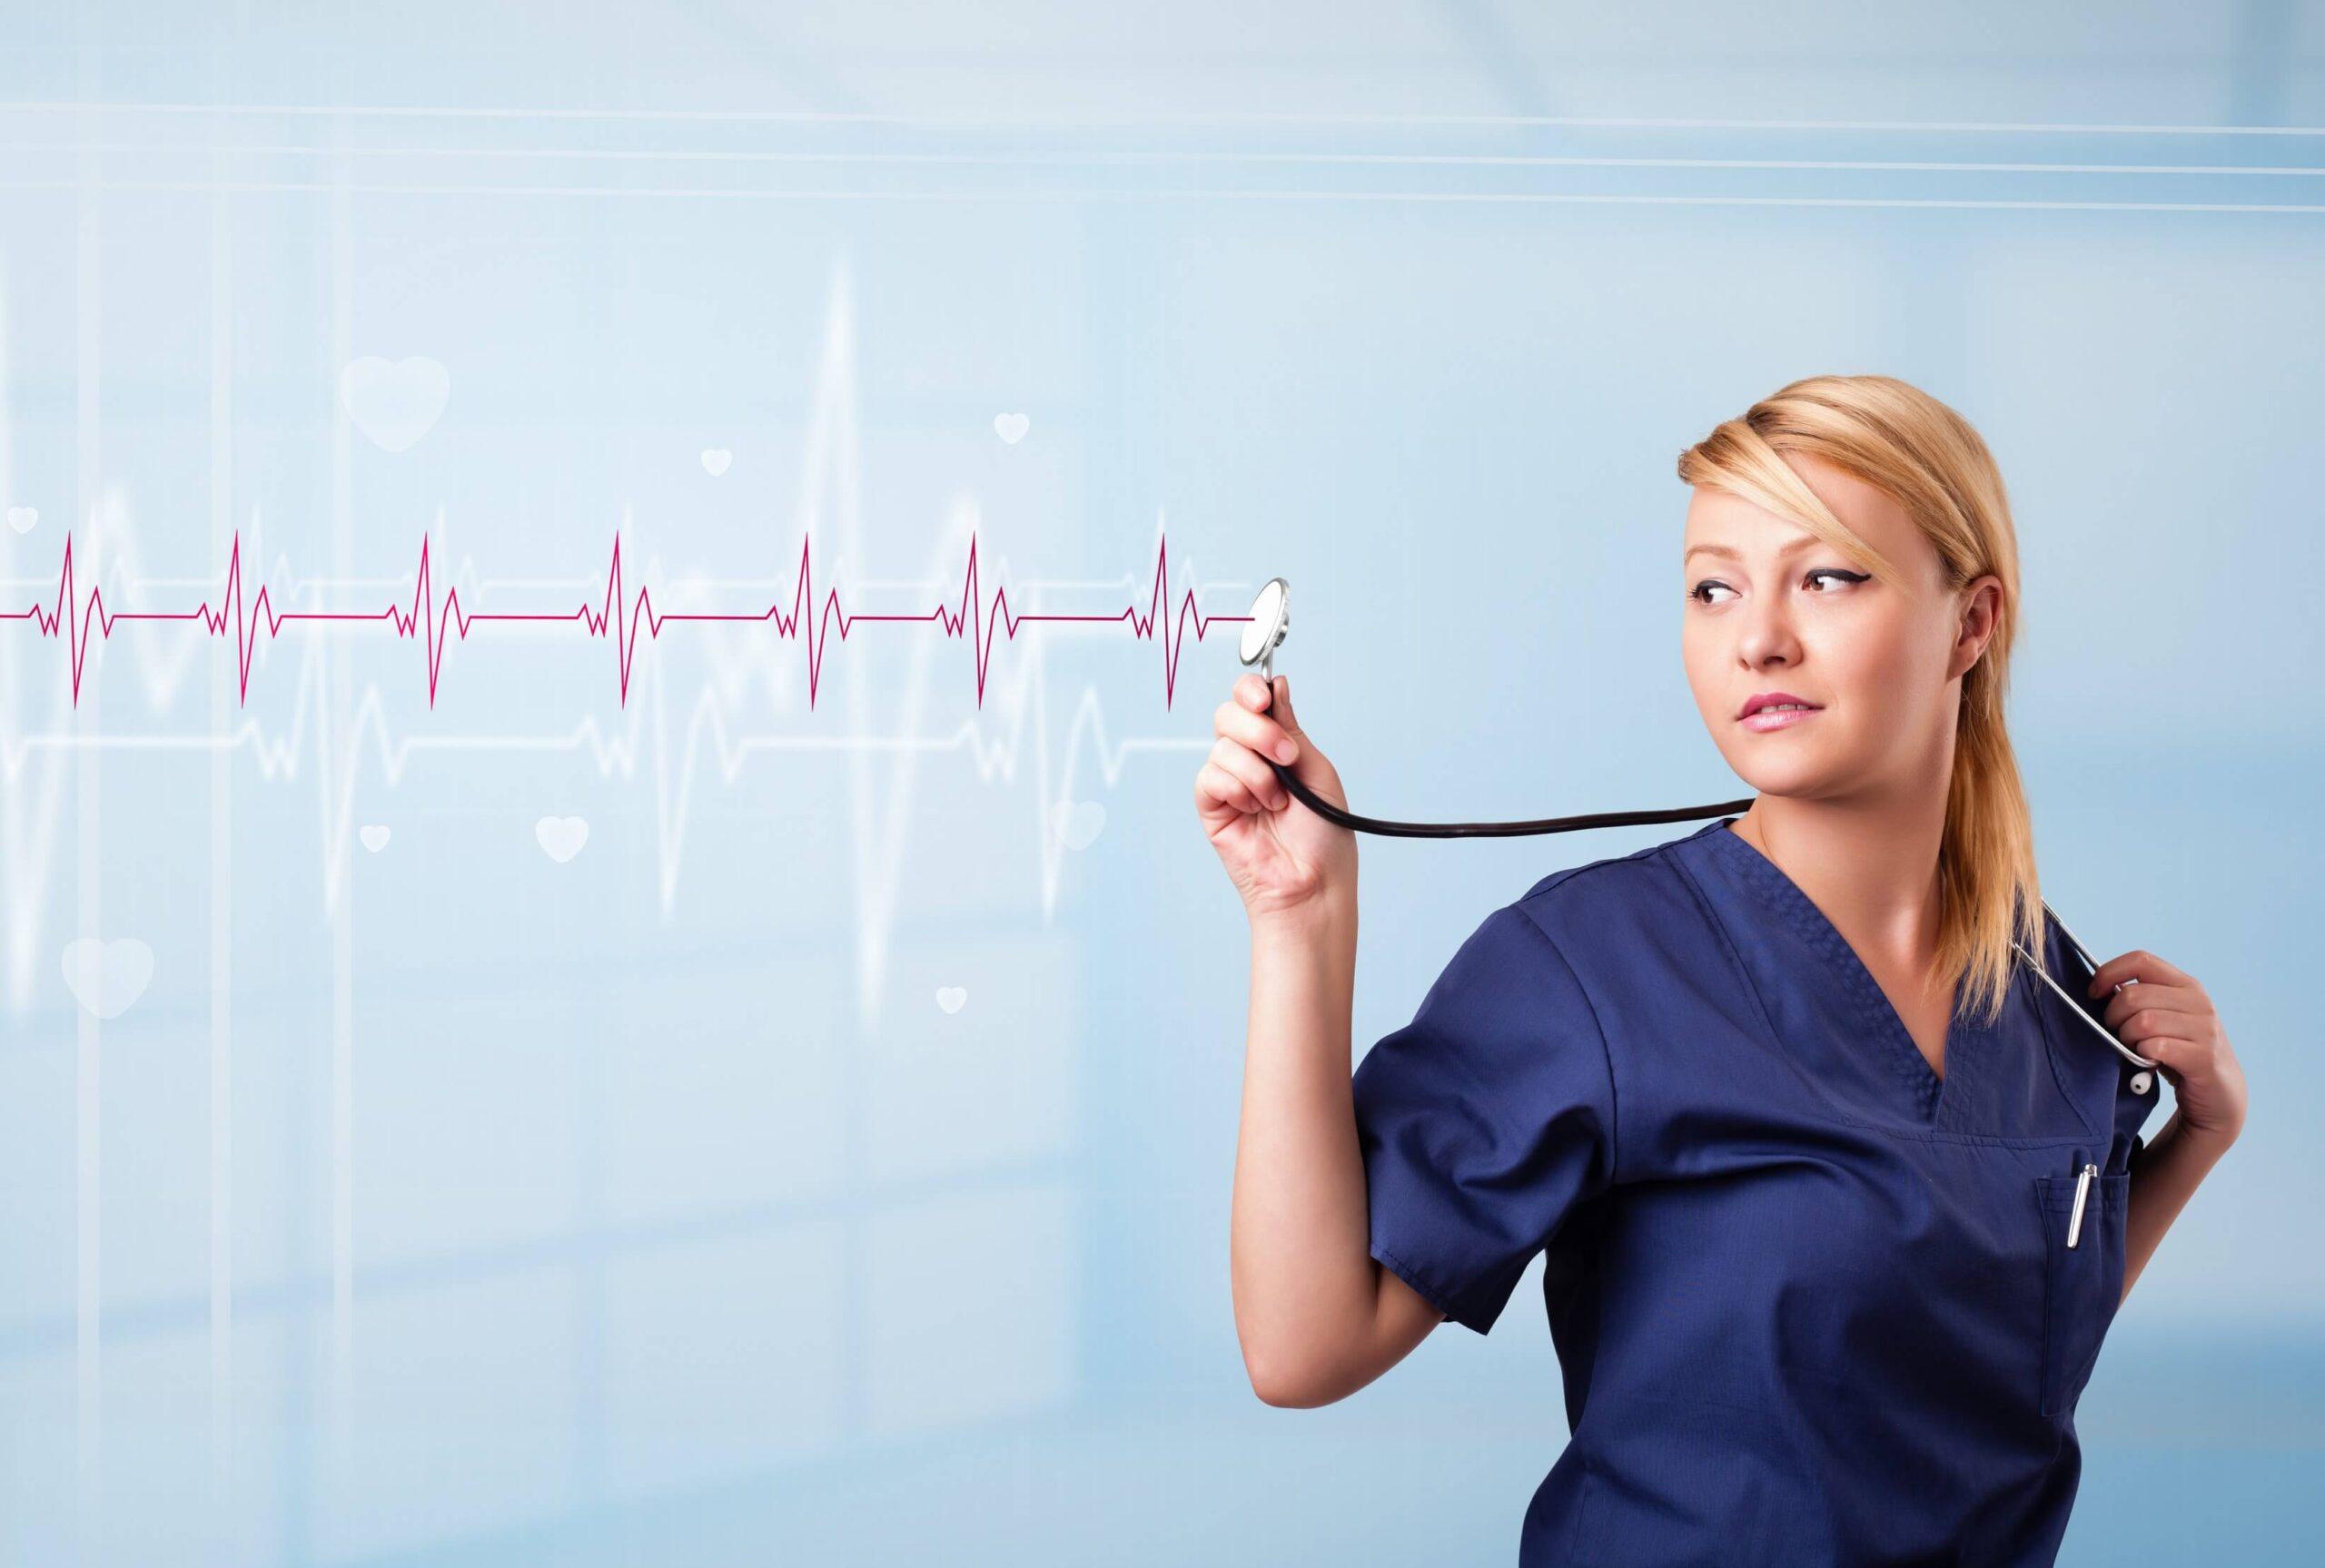 lekarka o jasnych włosach trzyma stetoskop, w tyle widoczna linia izoelektryczna